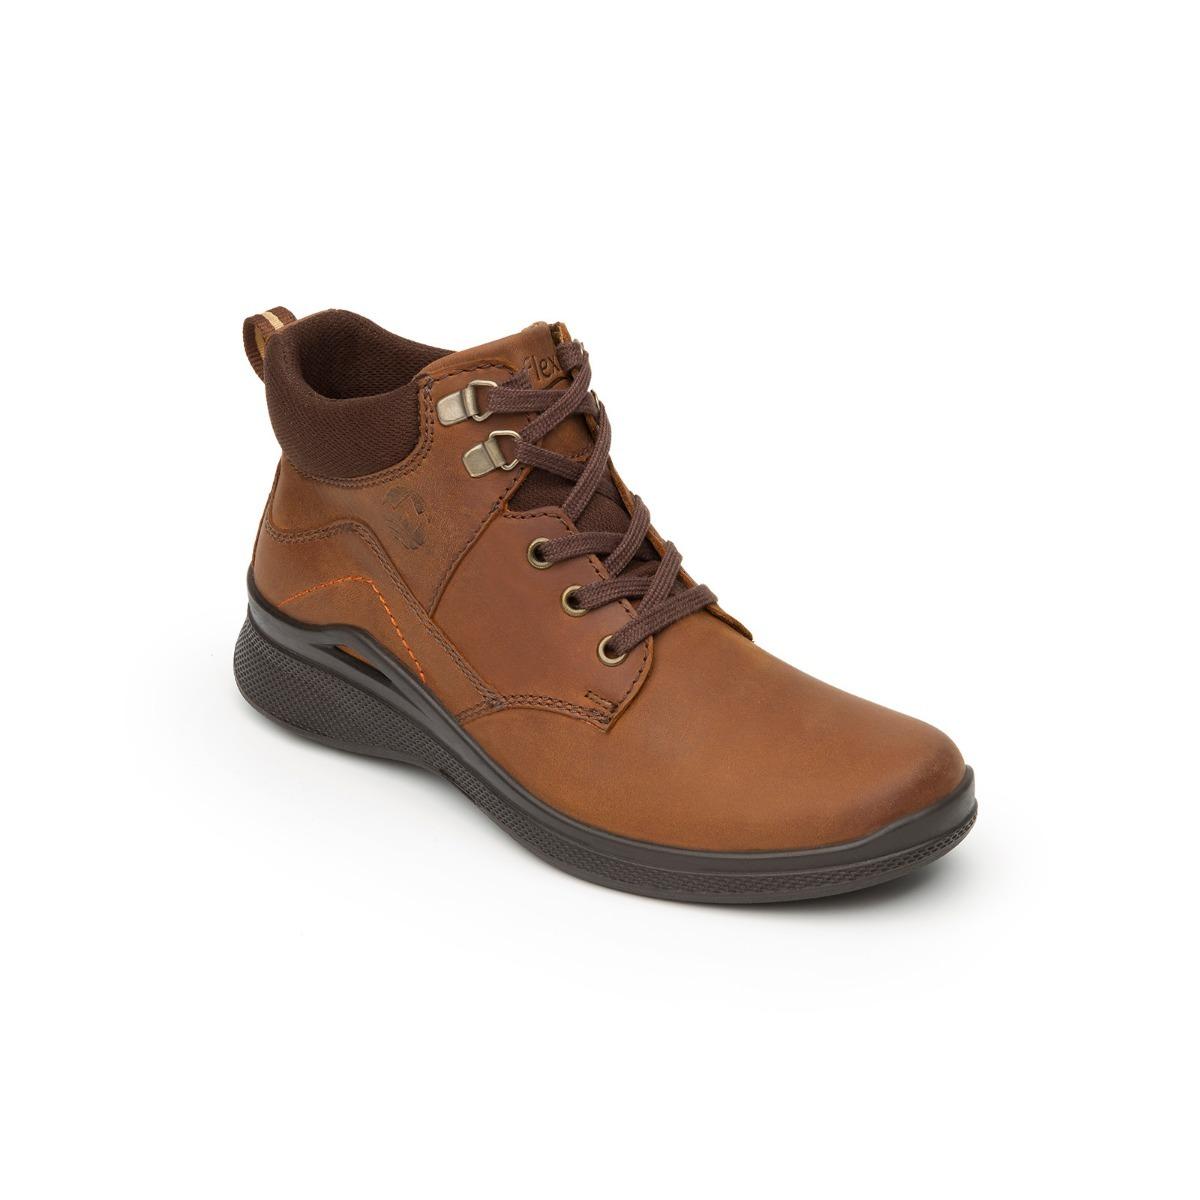 427cd1c09a0 Zapato bota flexi dama mujer cafe casual cargando zoom jpg 1200x1200 Flexi  calzado botas dama